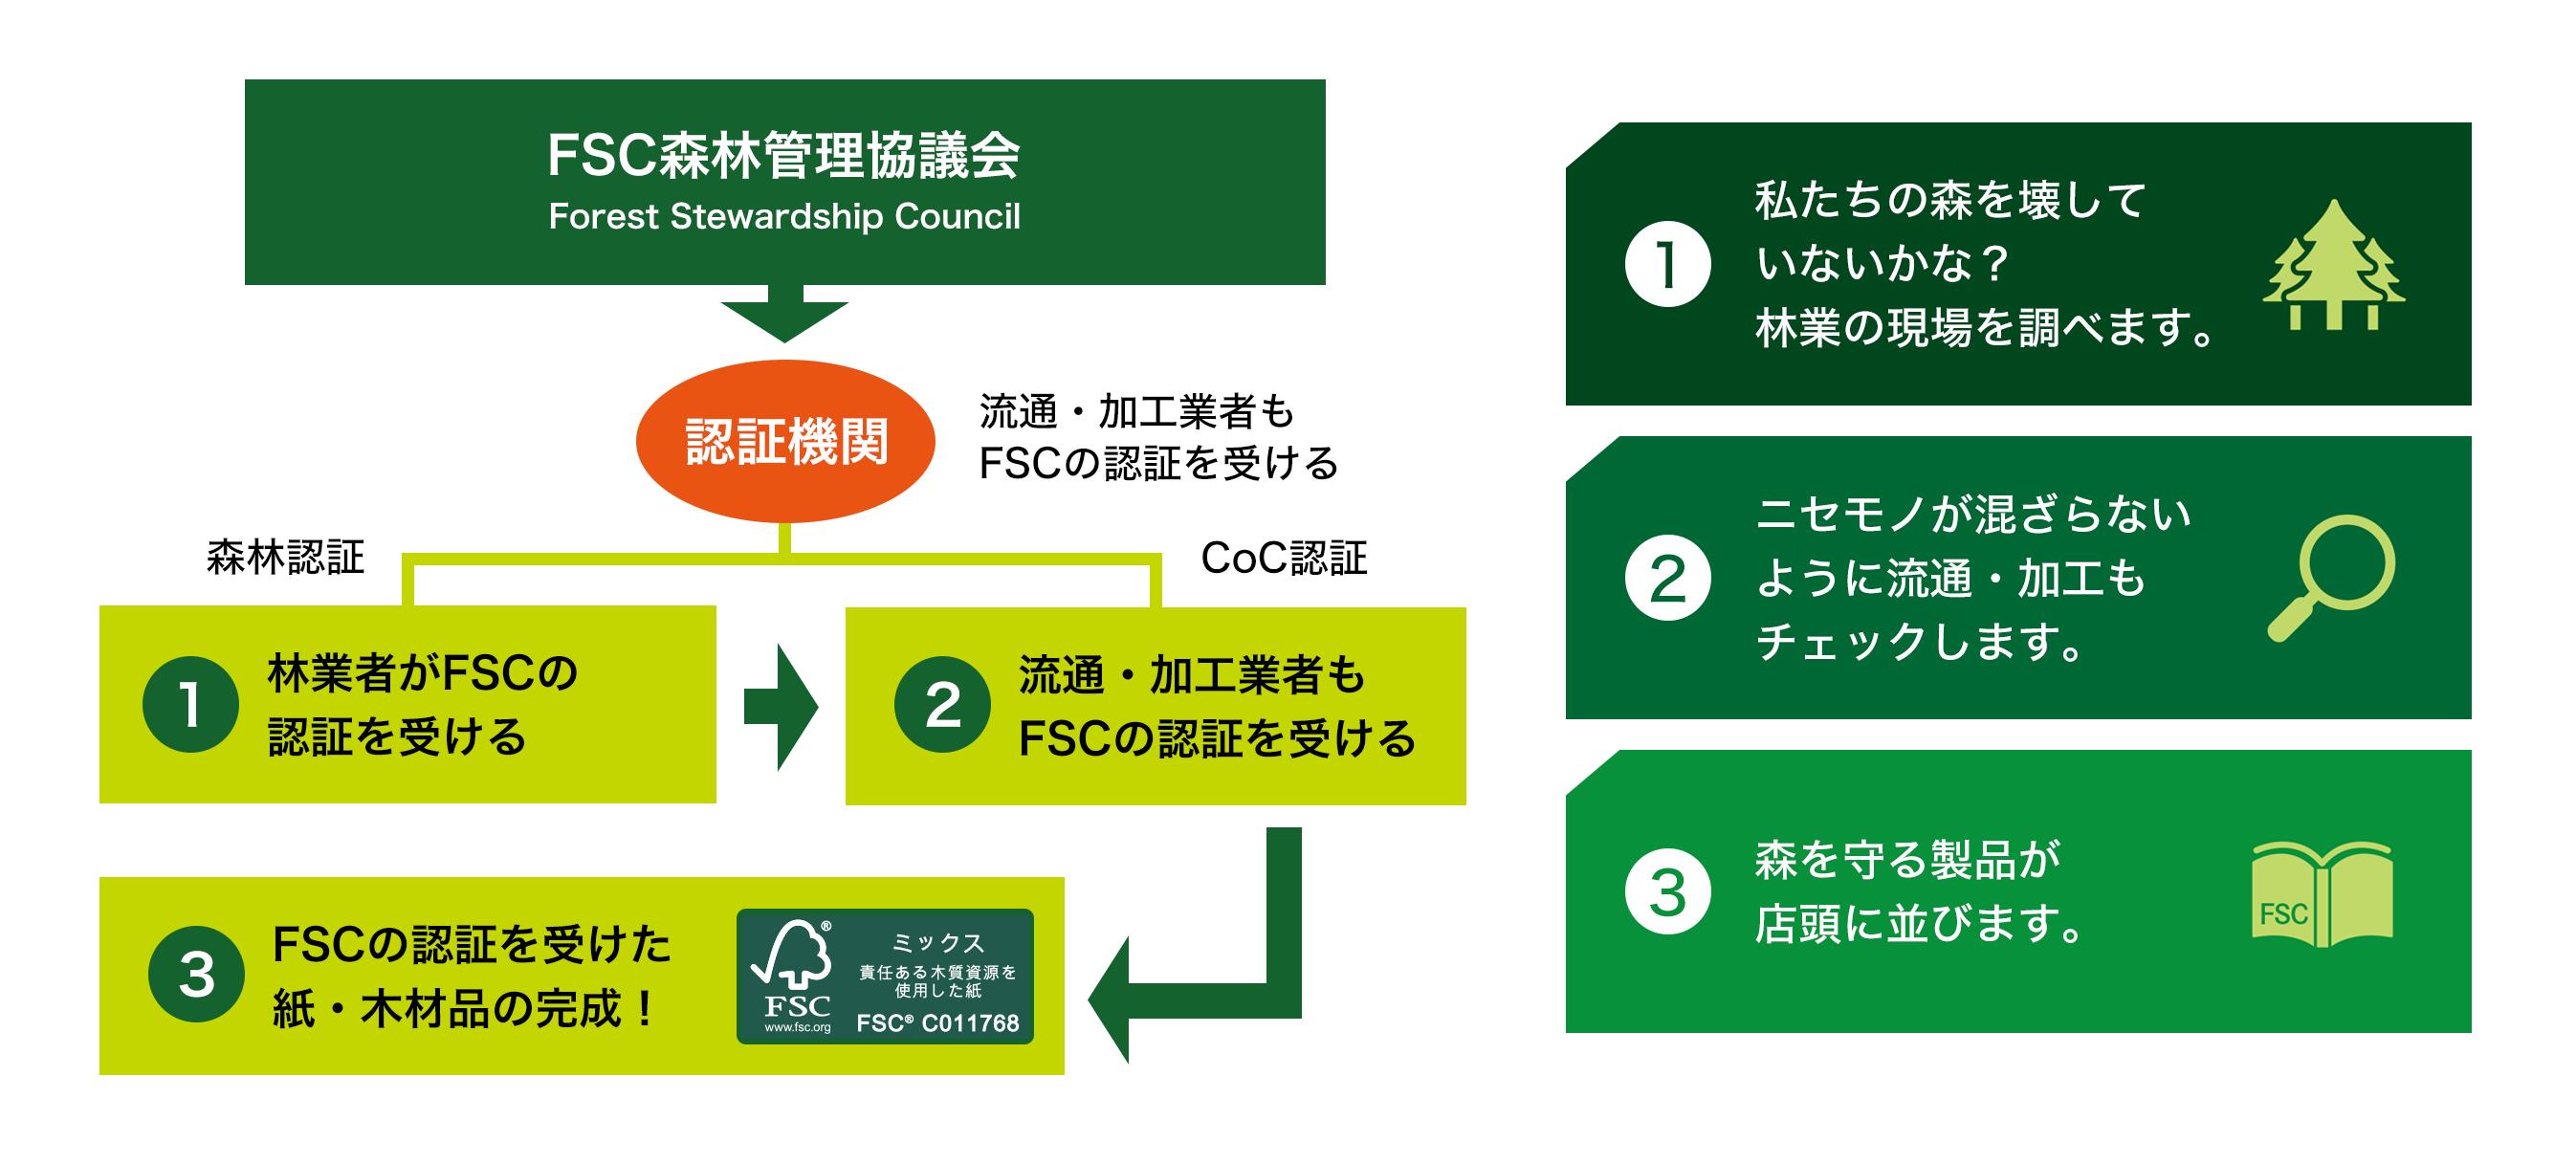 FSC認証のしくみイメージ